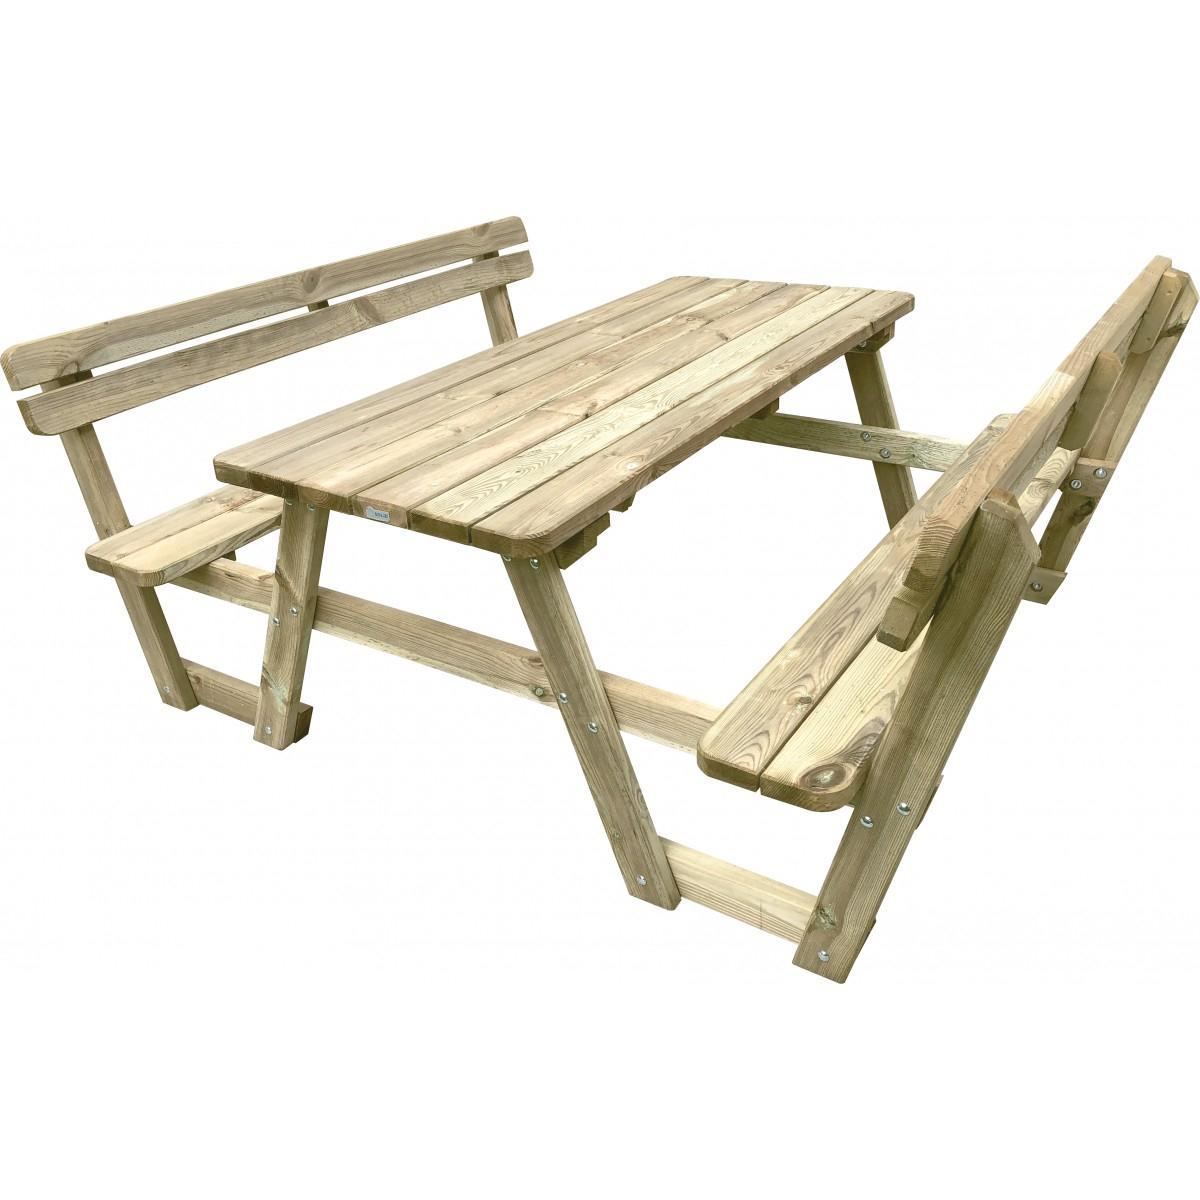 Table de pique-nique avec dossier 9 x 9 x 9 cm SOLID - Mr.Bricolage